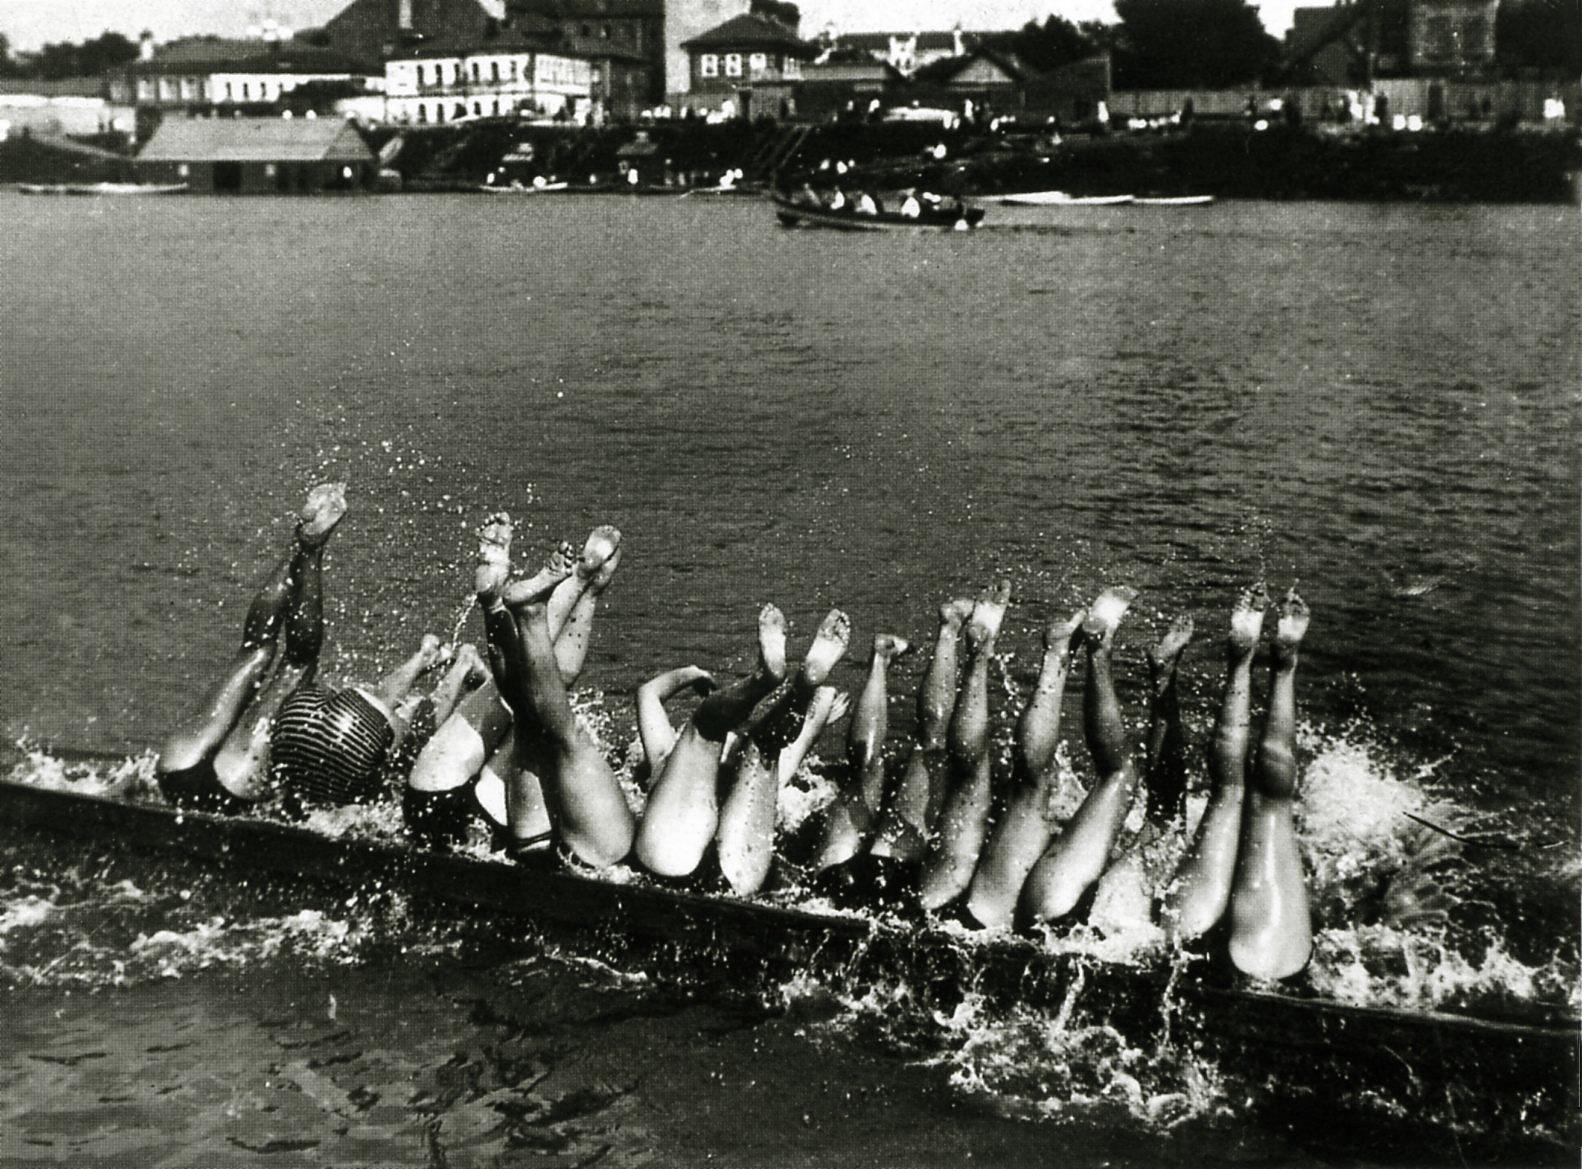 фотографии довоенного периода